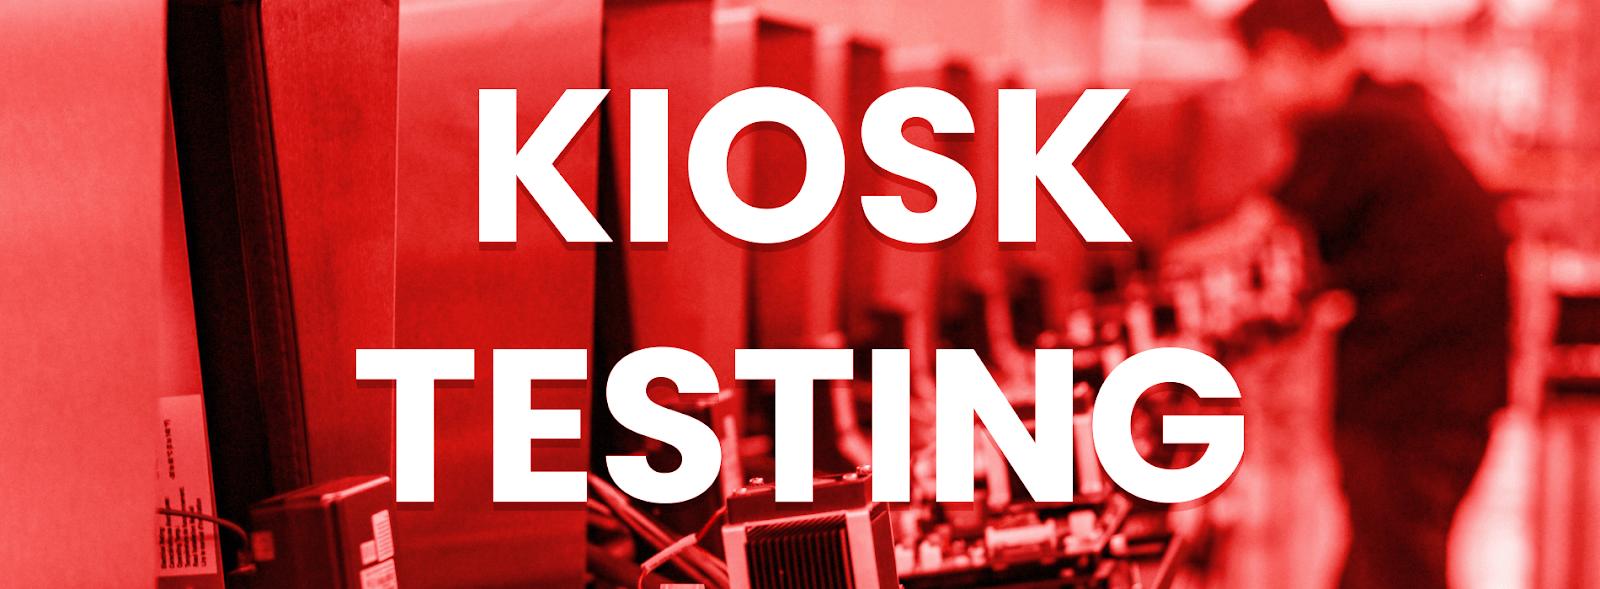 Kiosk Testing Header Image